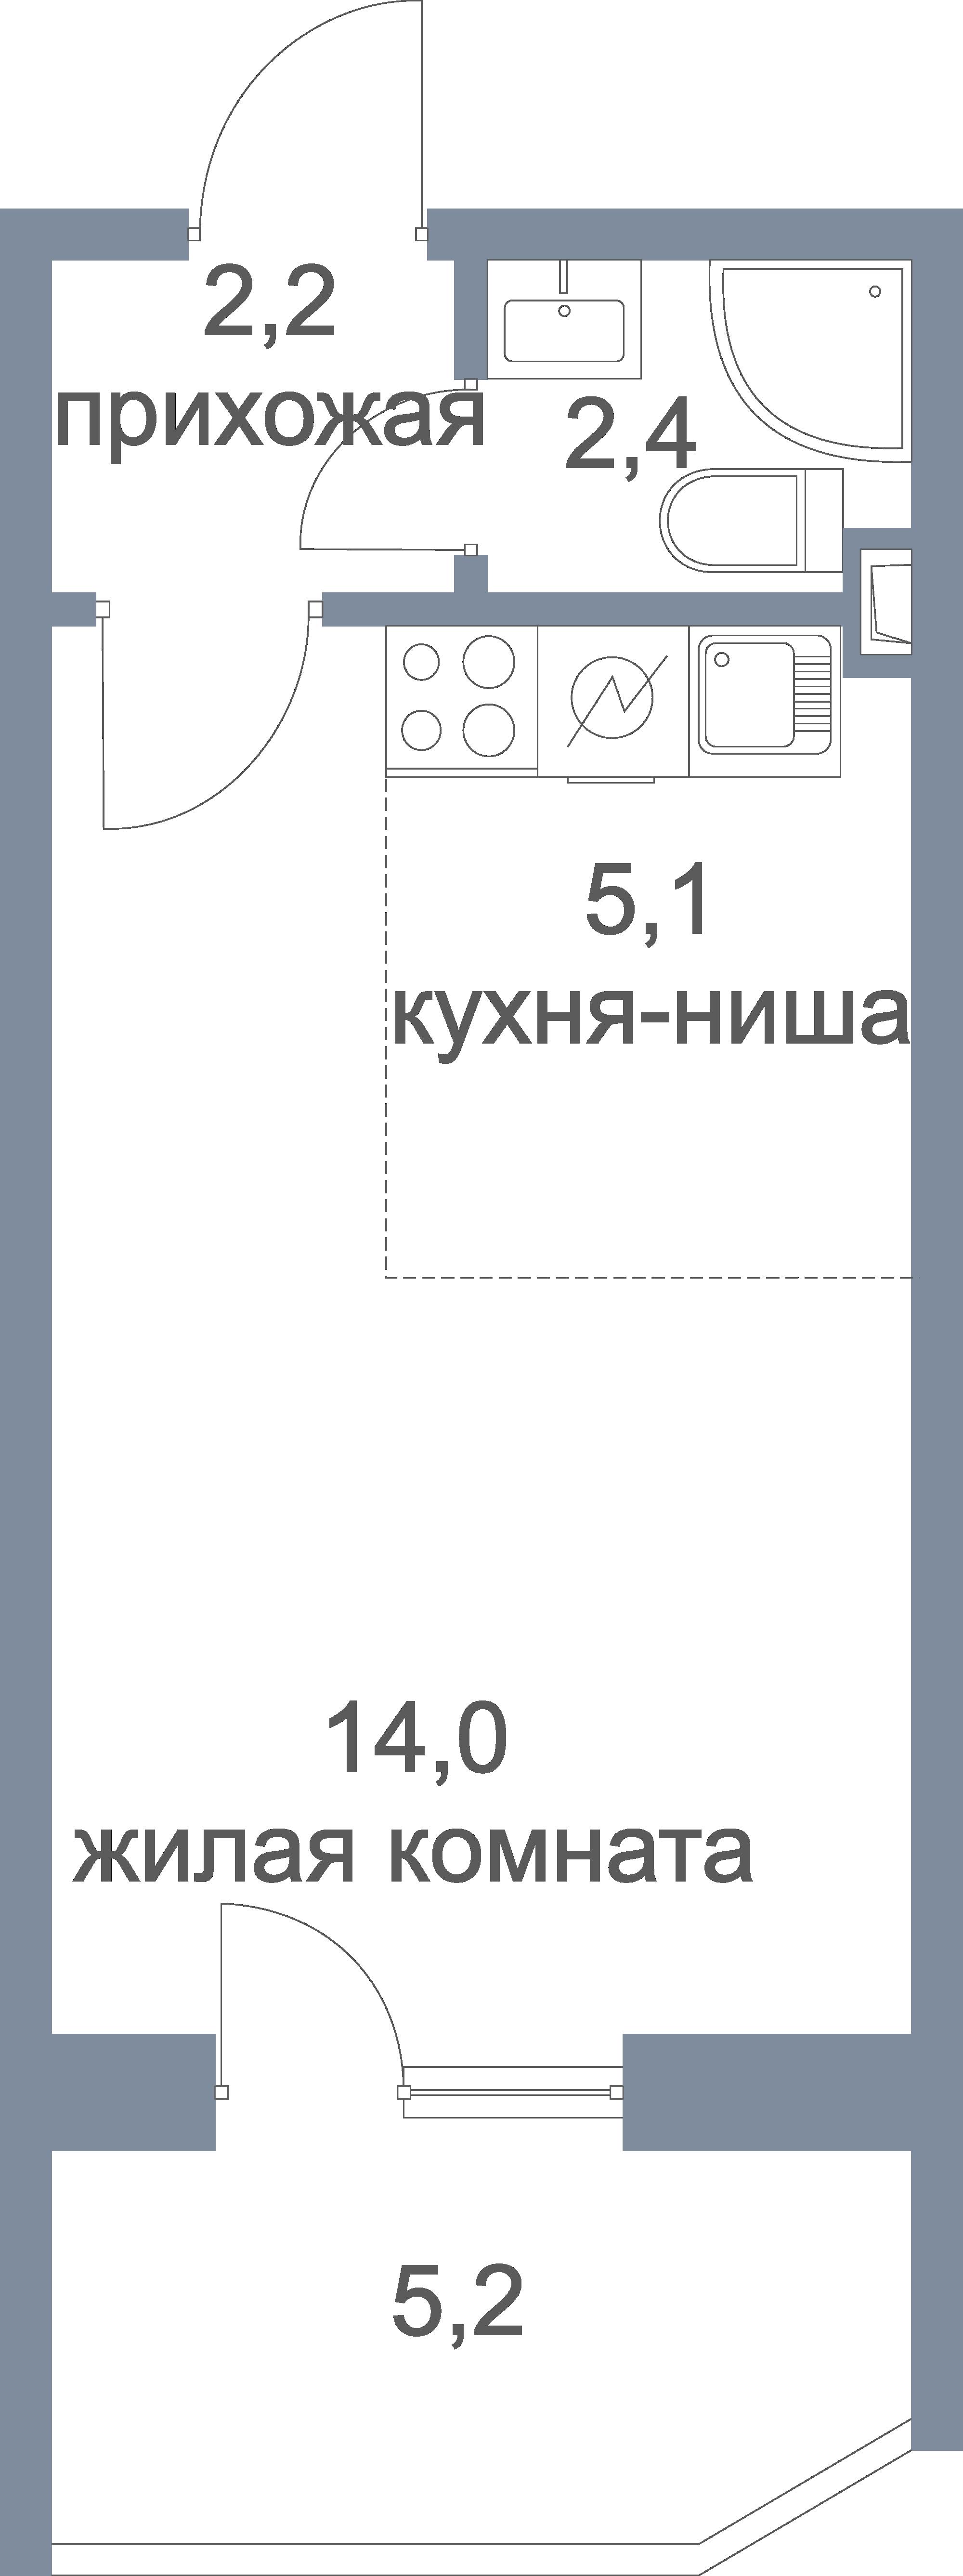 https://pb3241.profitbase.ru/uploads/preset/3241/5d0ca04e66511.png